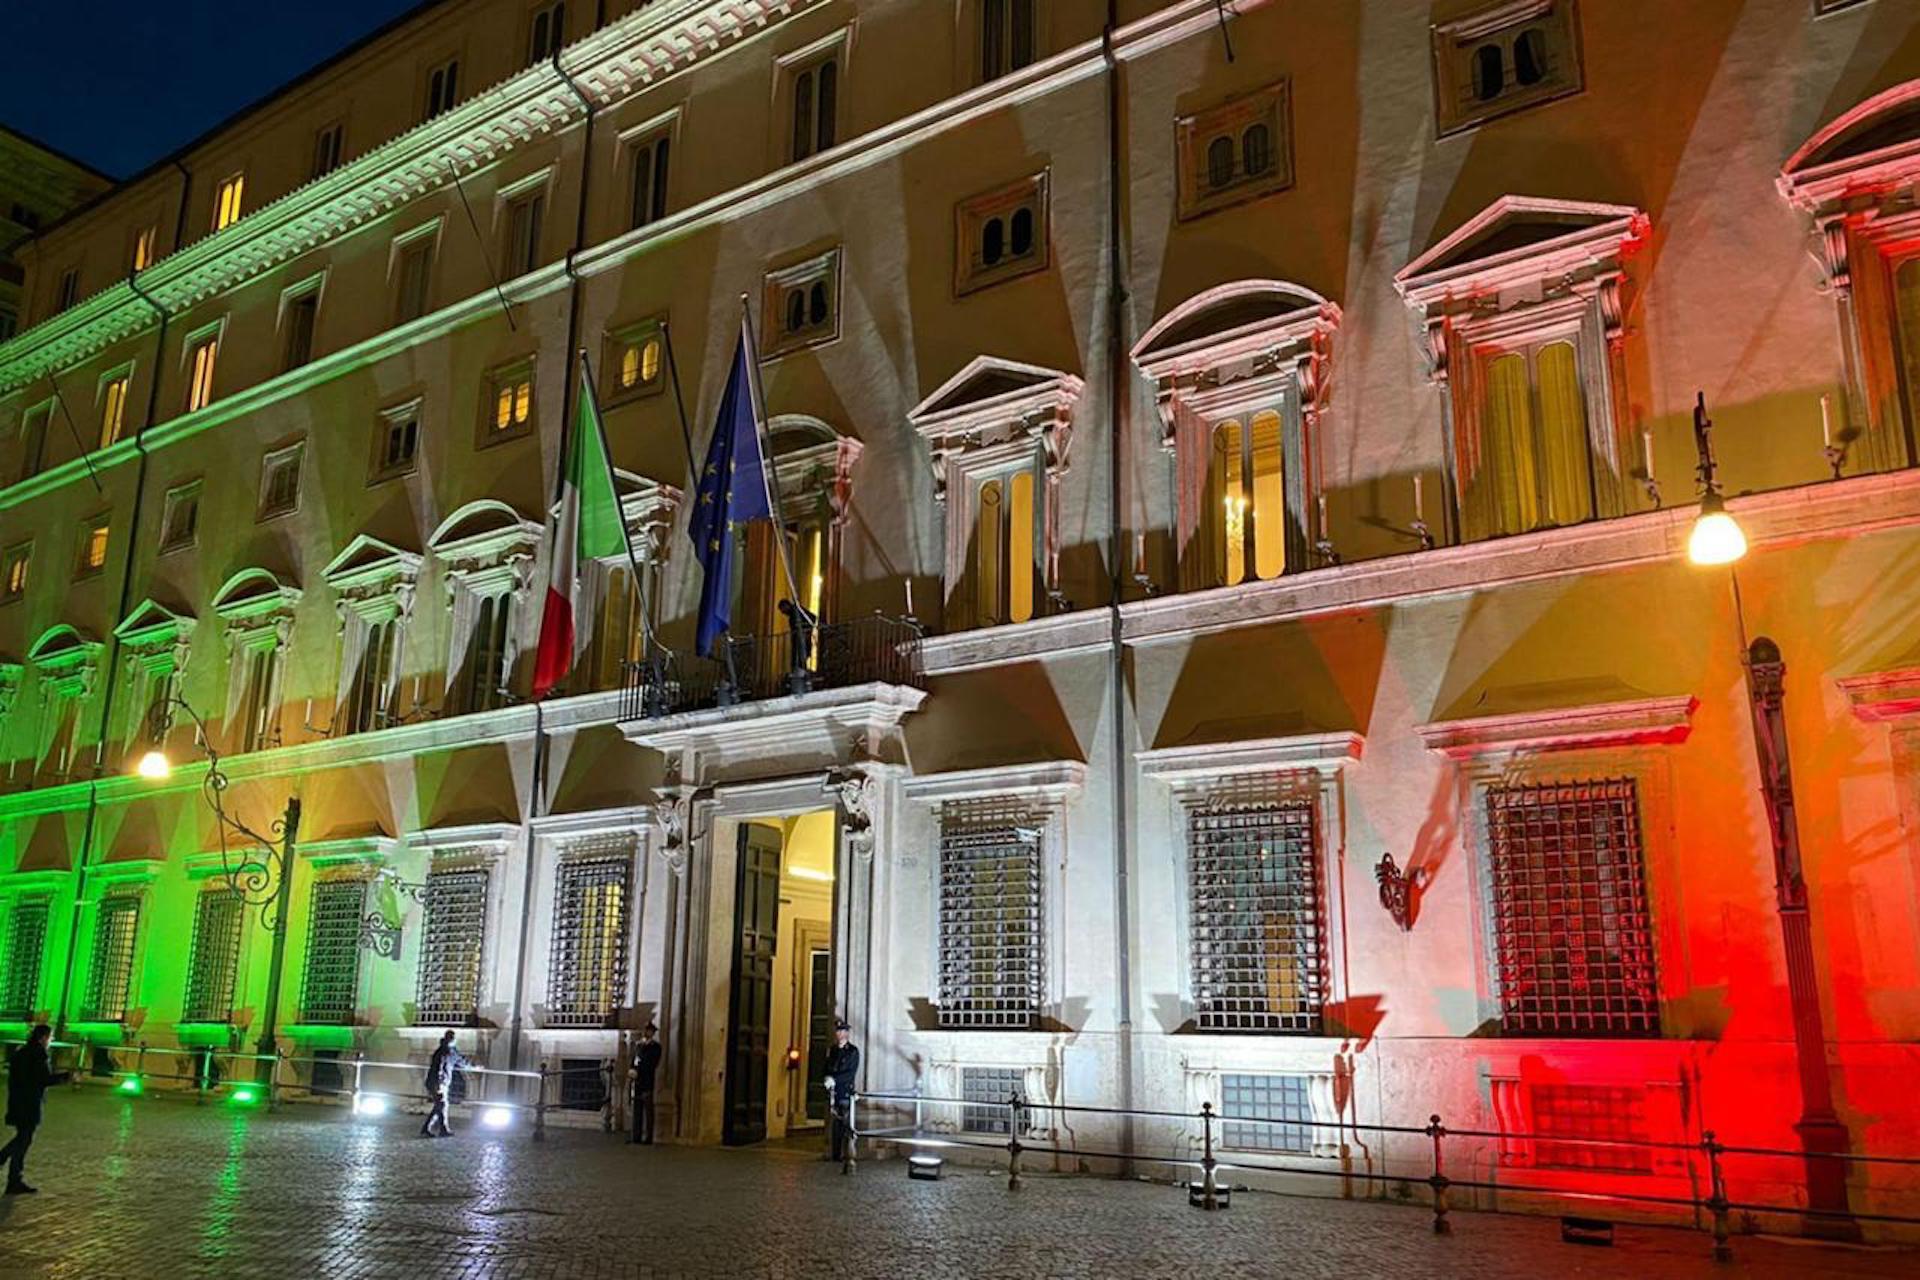 Servizi Per Agenti Immobiliari decreto cura italia: da regold la guida per gli agenti